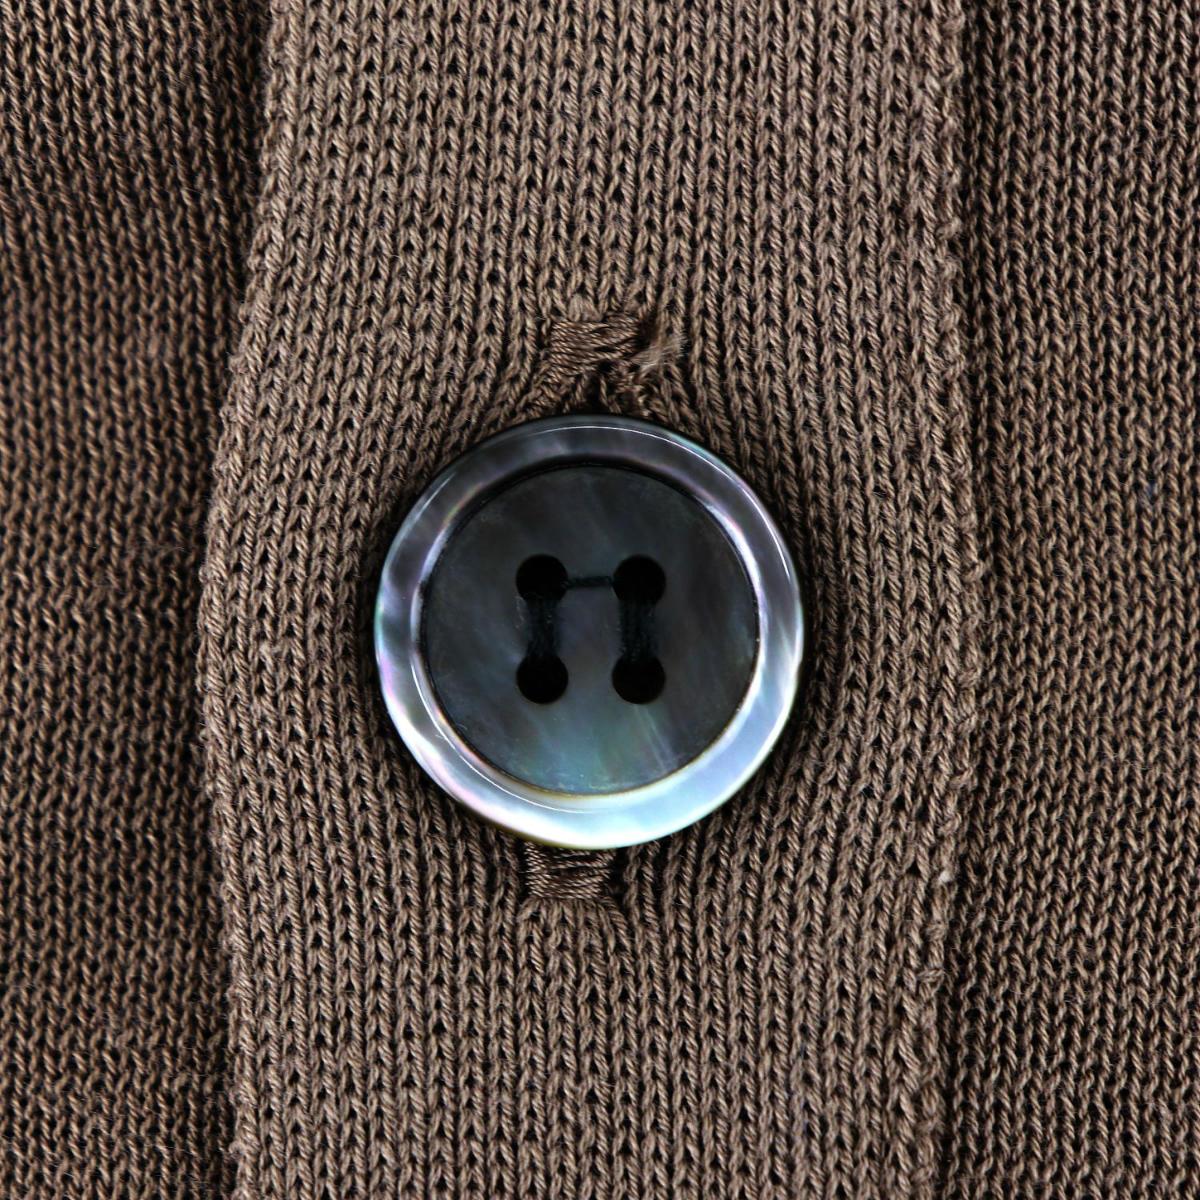 リナシェンテ RINASCENTE メンズ コットン ハイゲージ サマーニットカーディガン 203-61803 RST(ブラウン) 春夏新作